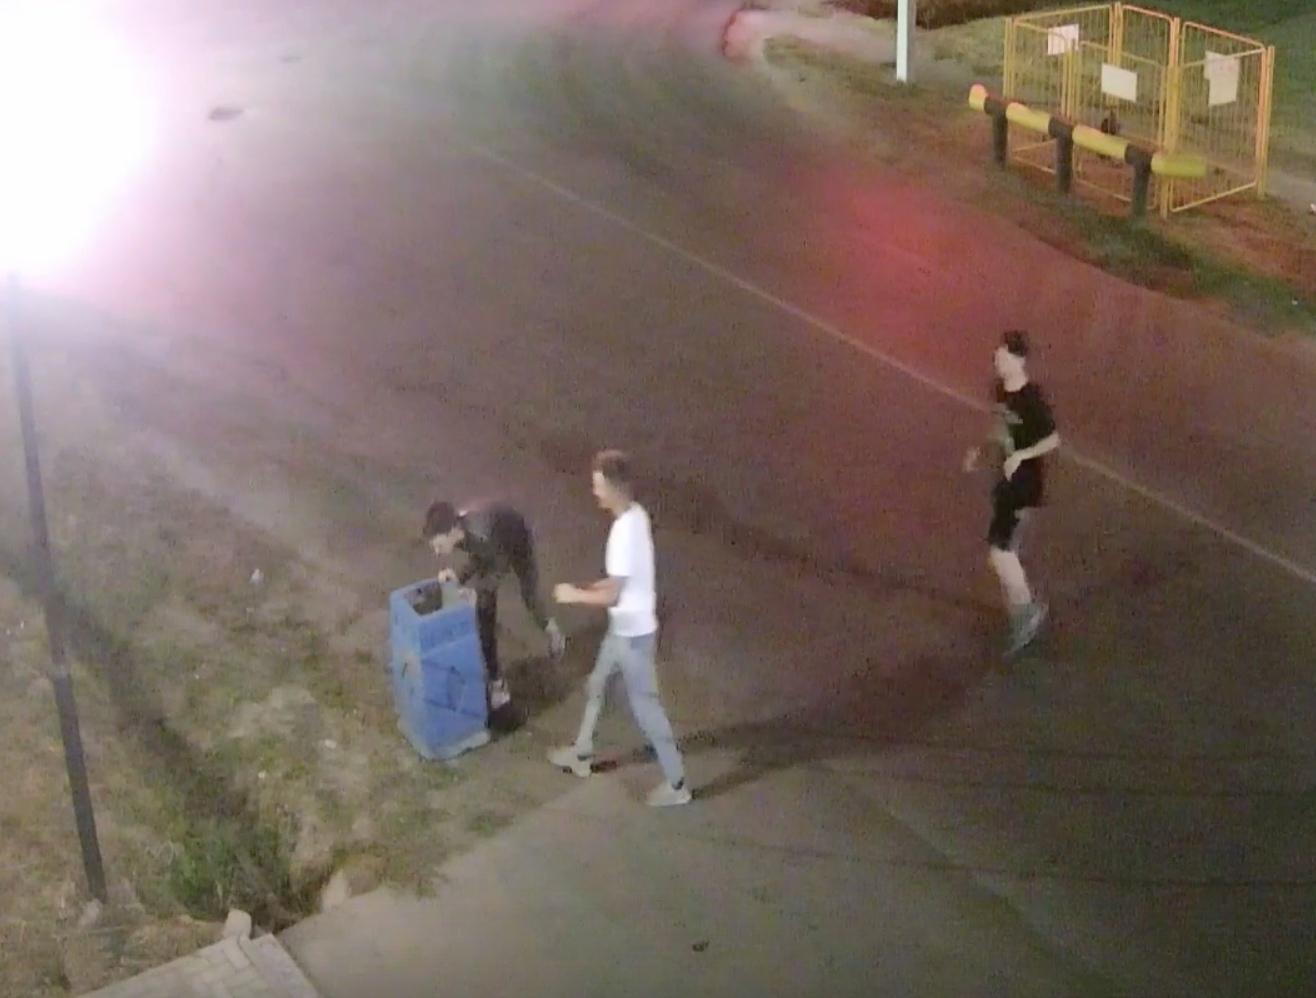 Продолжение истории про ночных хулиганов https://vk.com/wall-39444300_314381Парнишек узнали